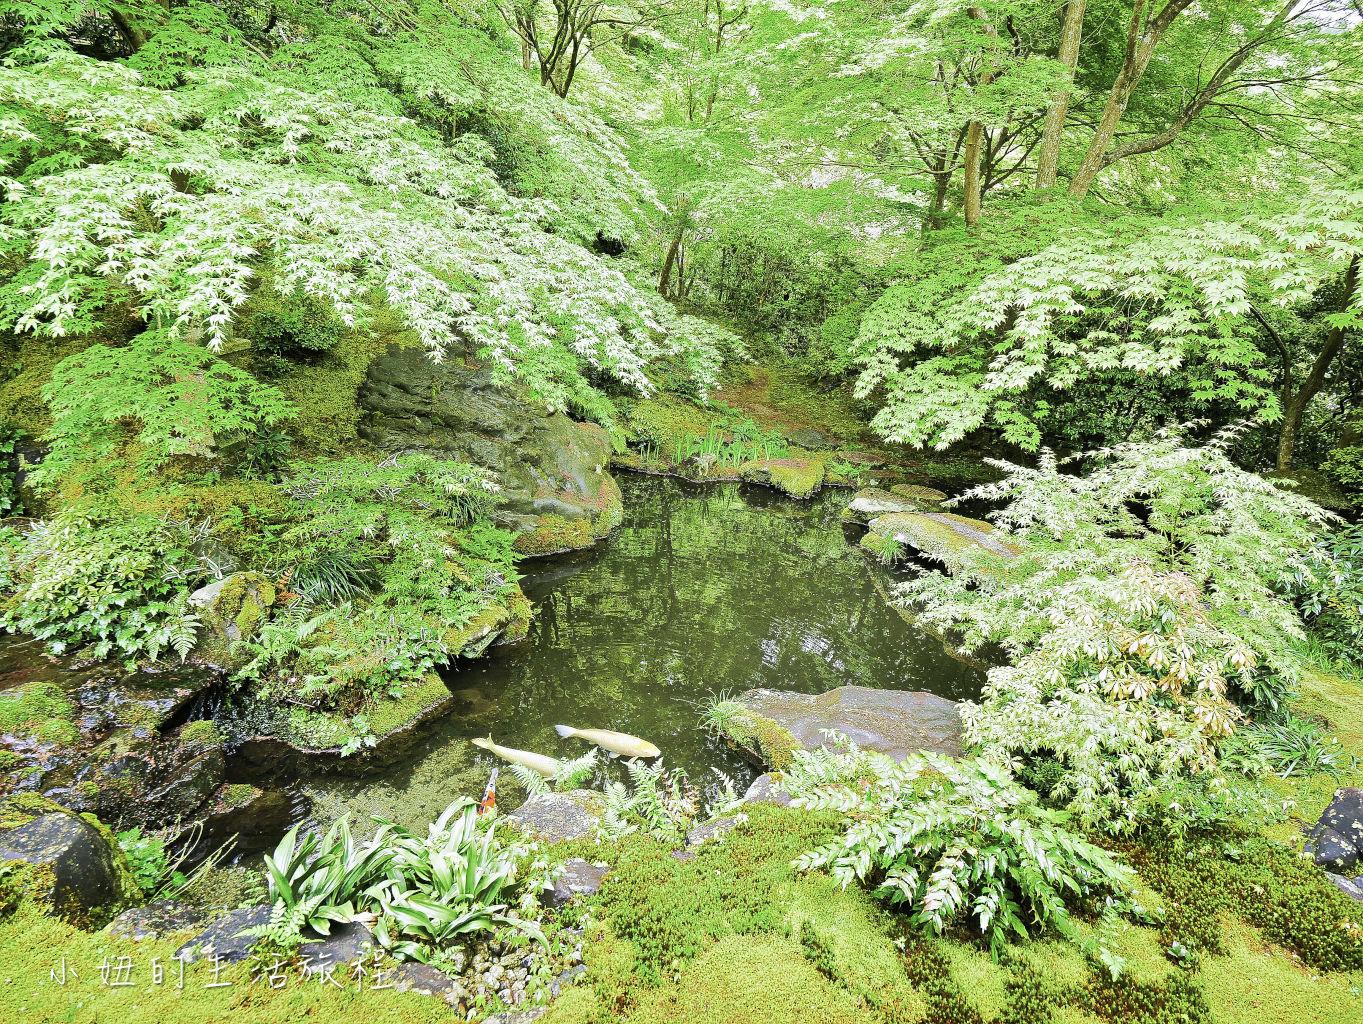 京都、大阪觀光乘車券(鞍馬&貴船地區擴大版)-57.jpg